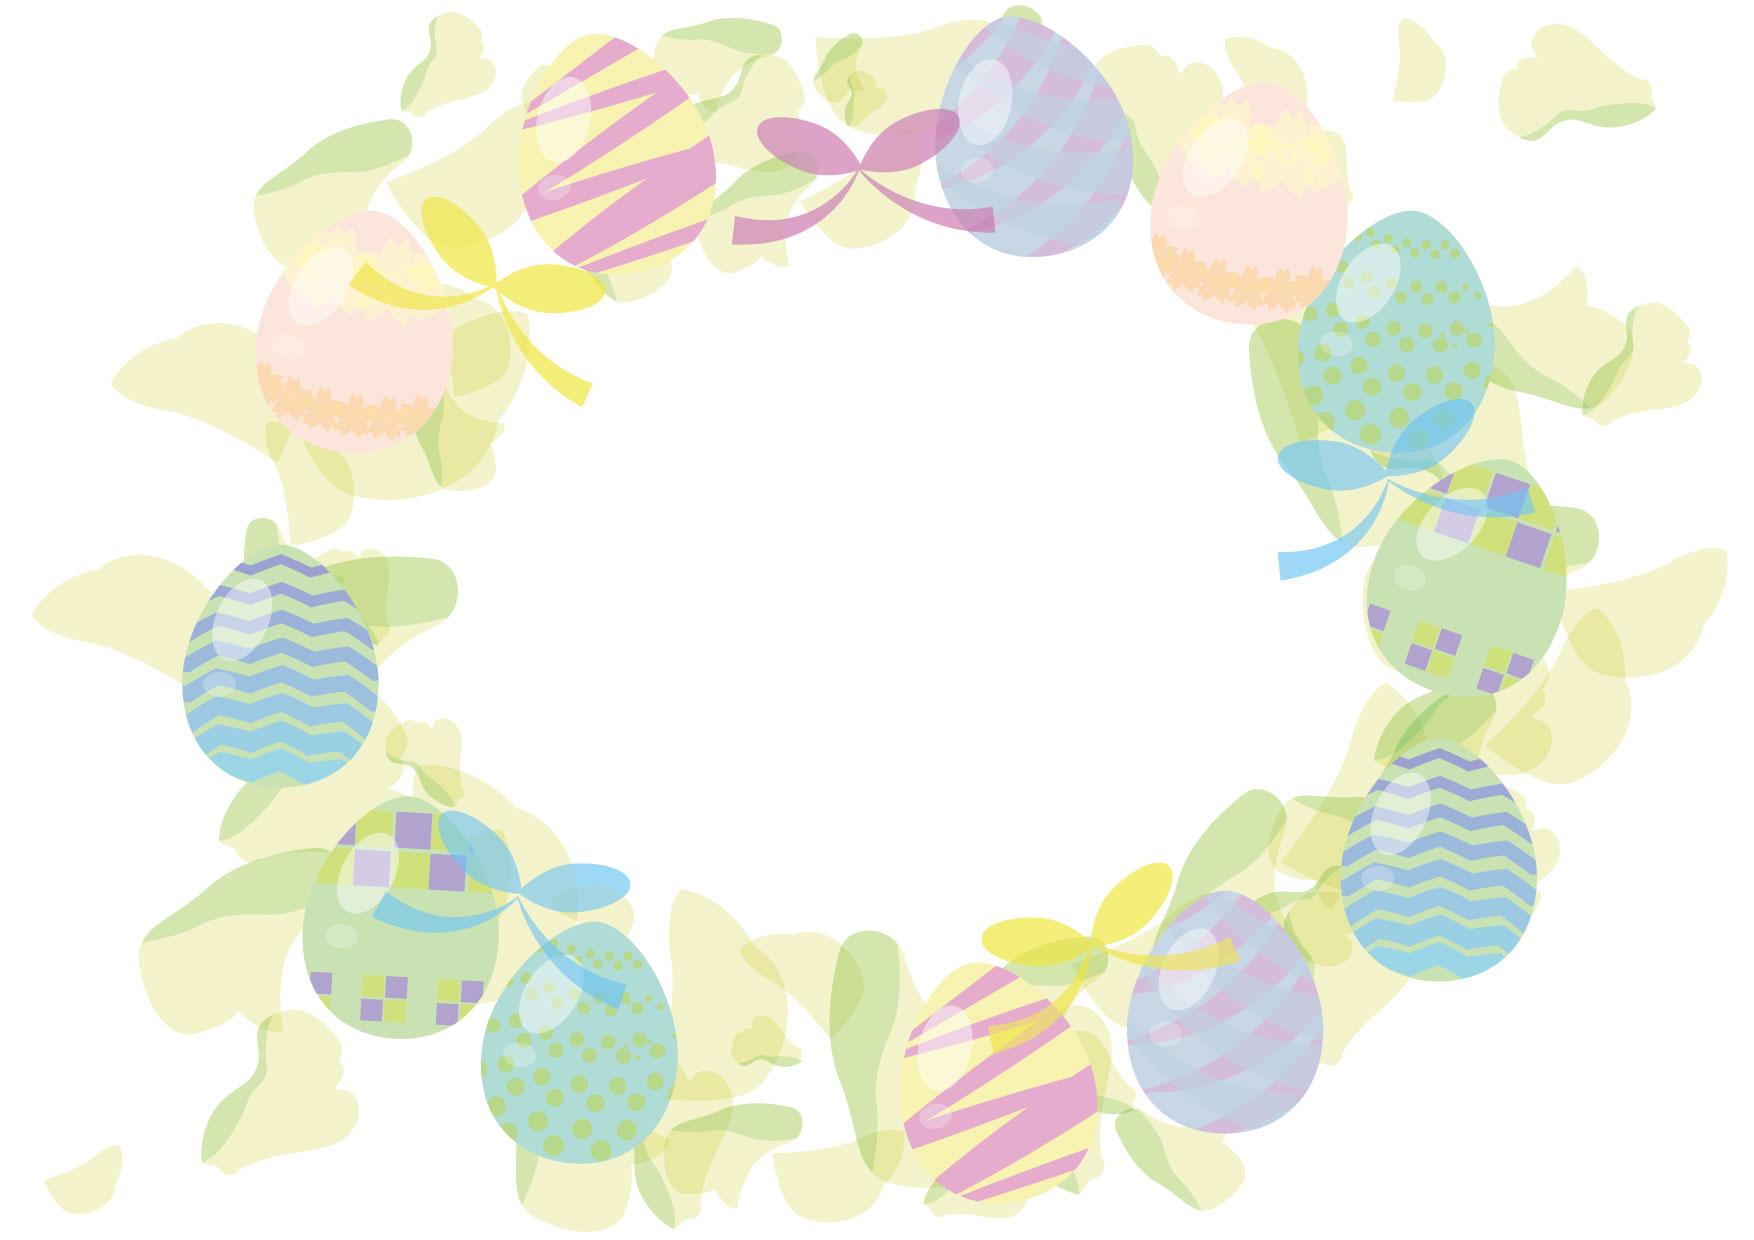 可愛いイラスト無料|イースターエッグ リース グリーン − free illustration Easter egg wreath green